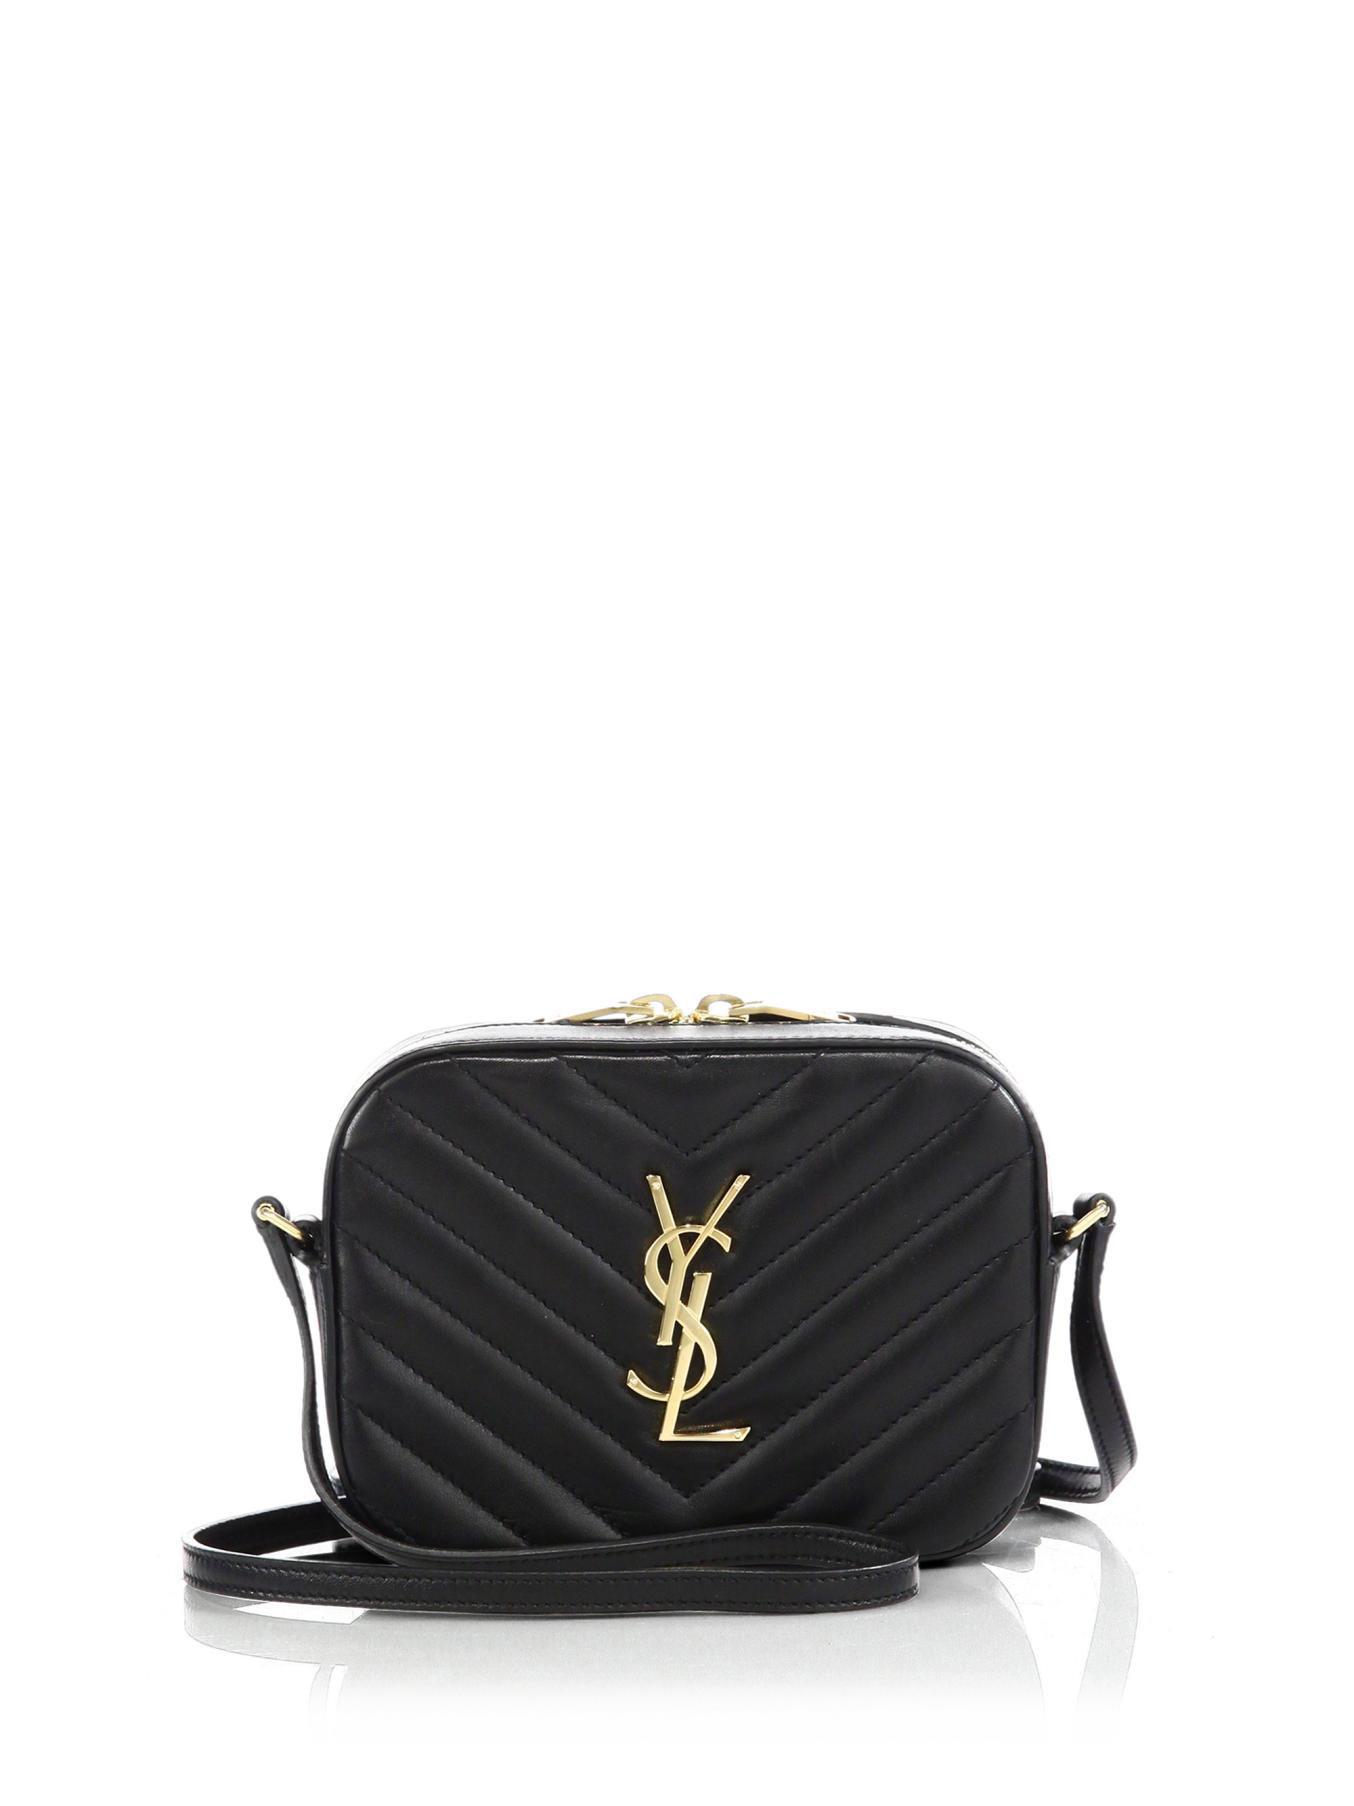 Saint Laurent Classic Small Monogram Saint Laurent Camera Bag In Black Leather